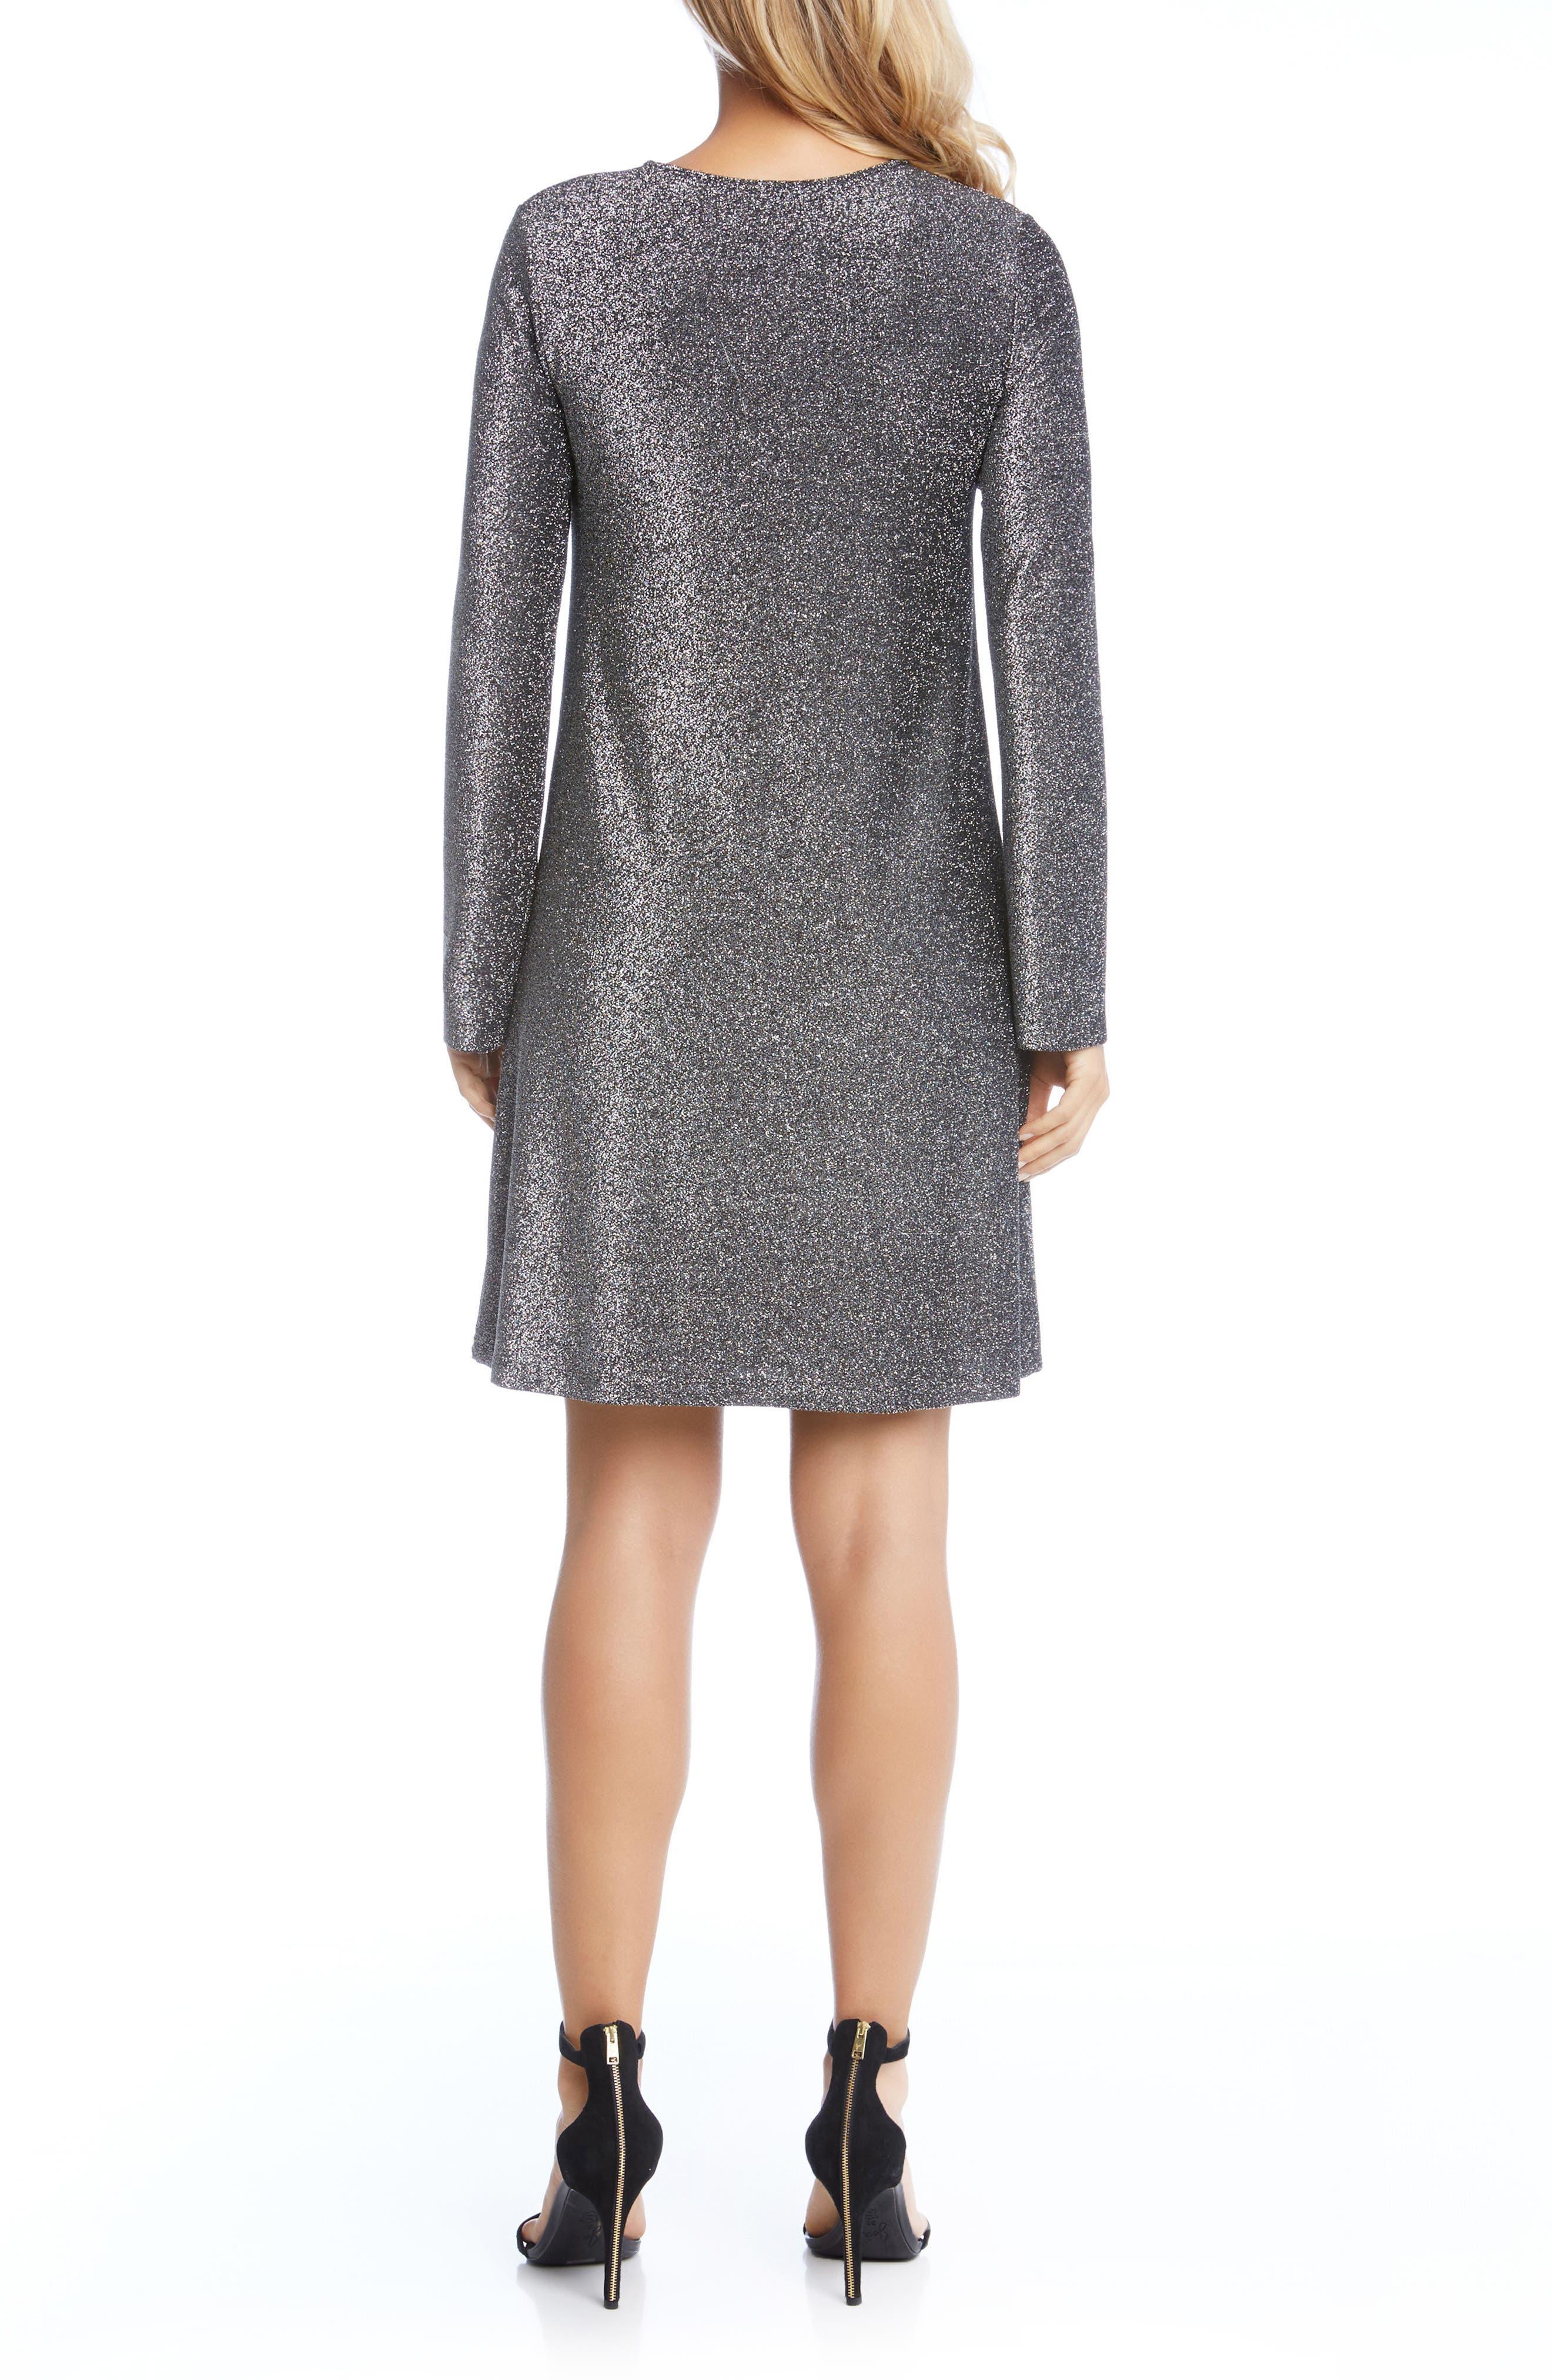 Taylor Sparkle A-Line Dress,                             Alternate thumbnail 2, color,